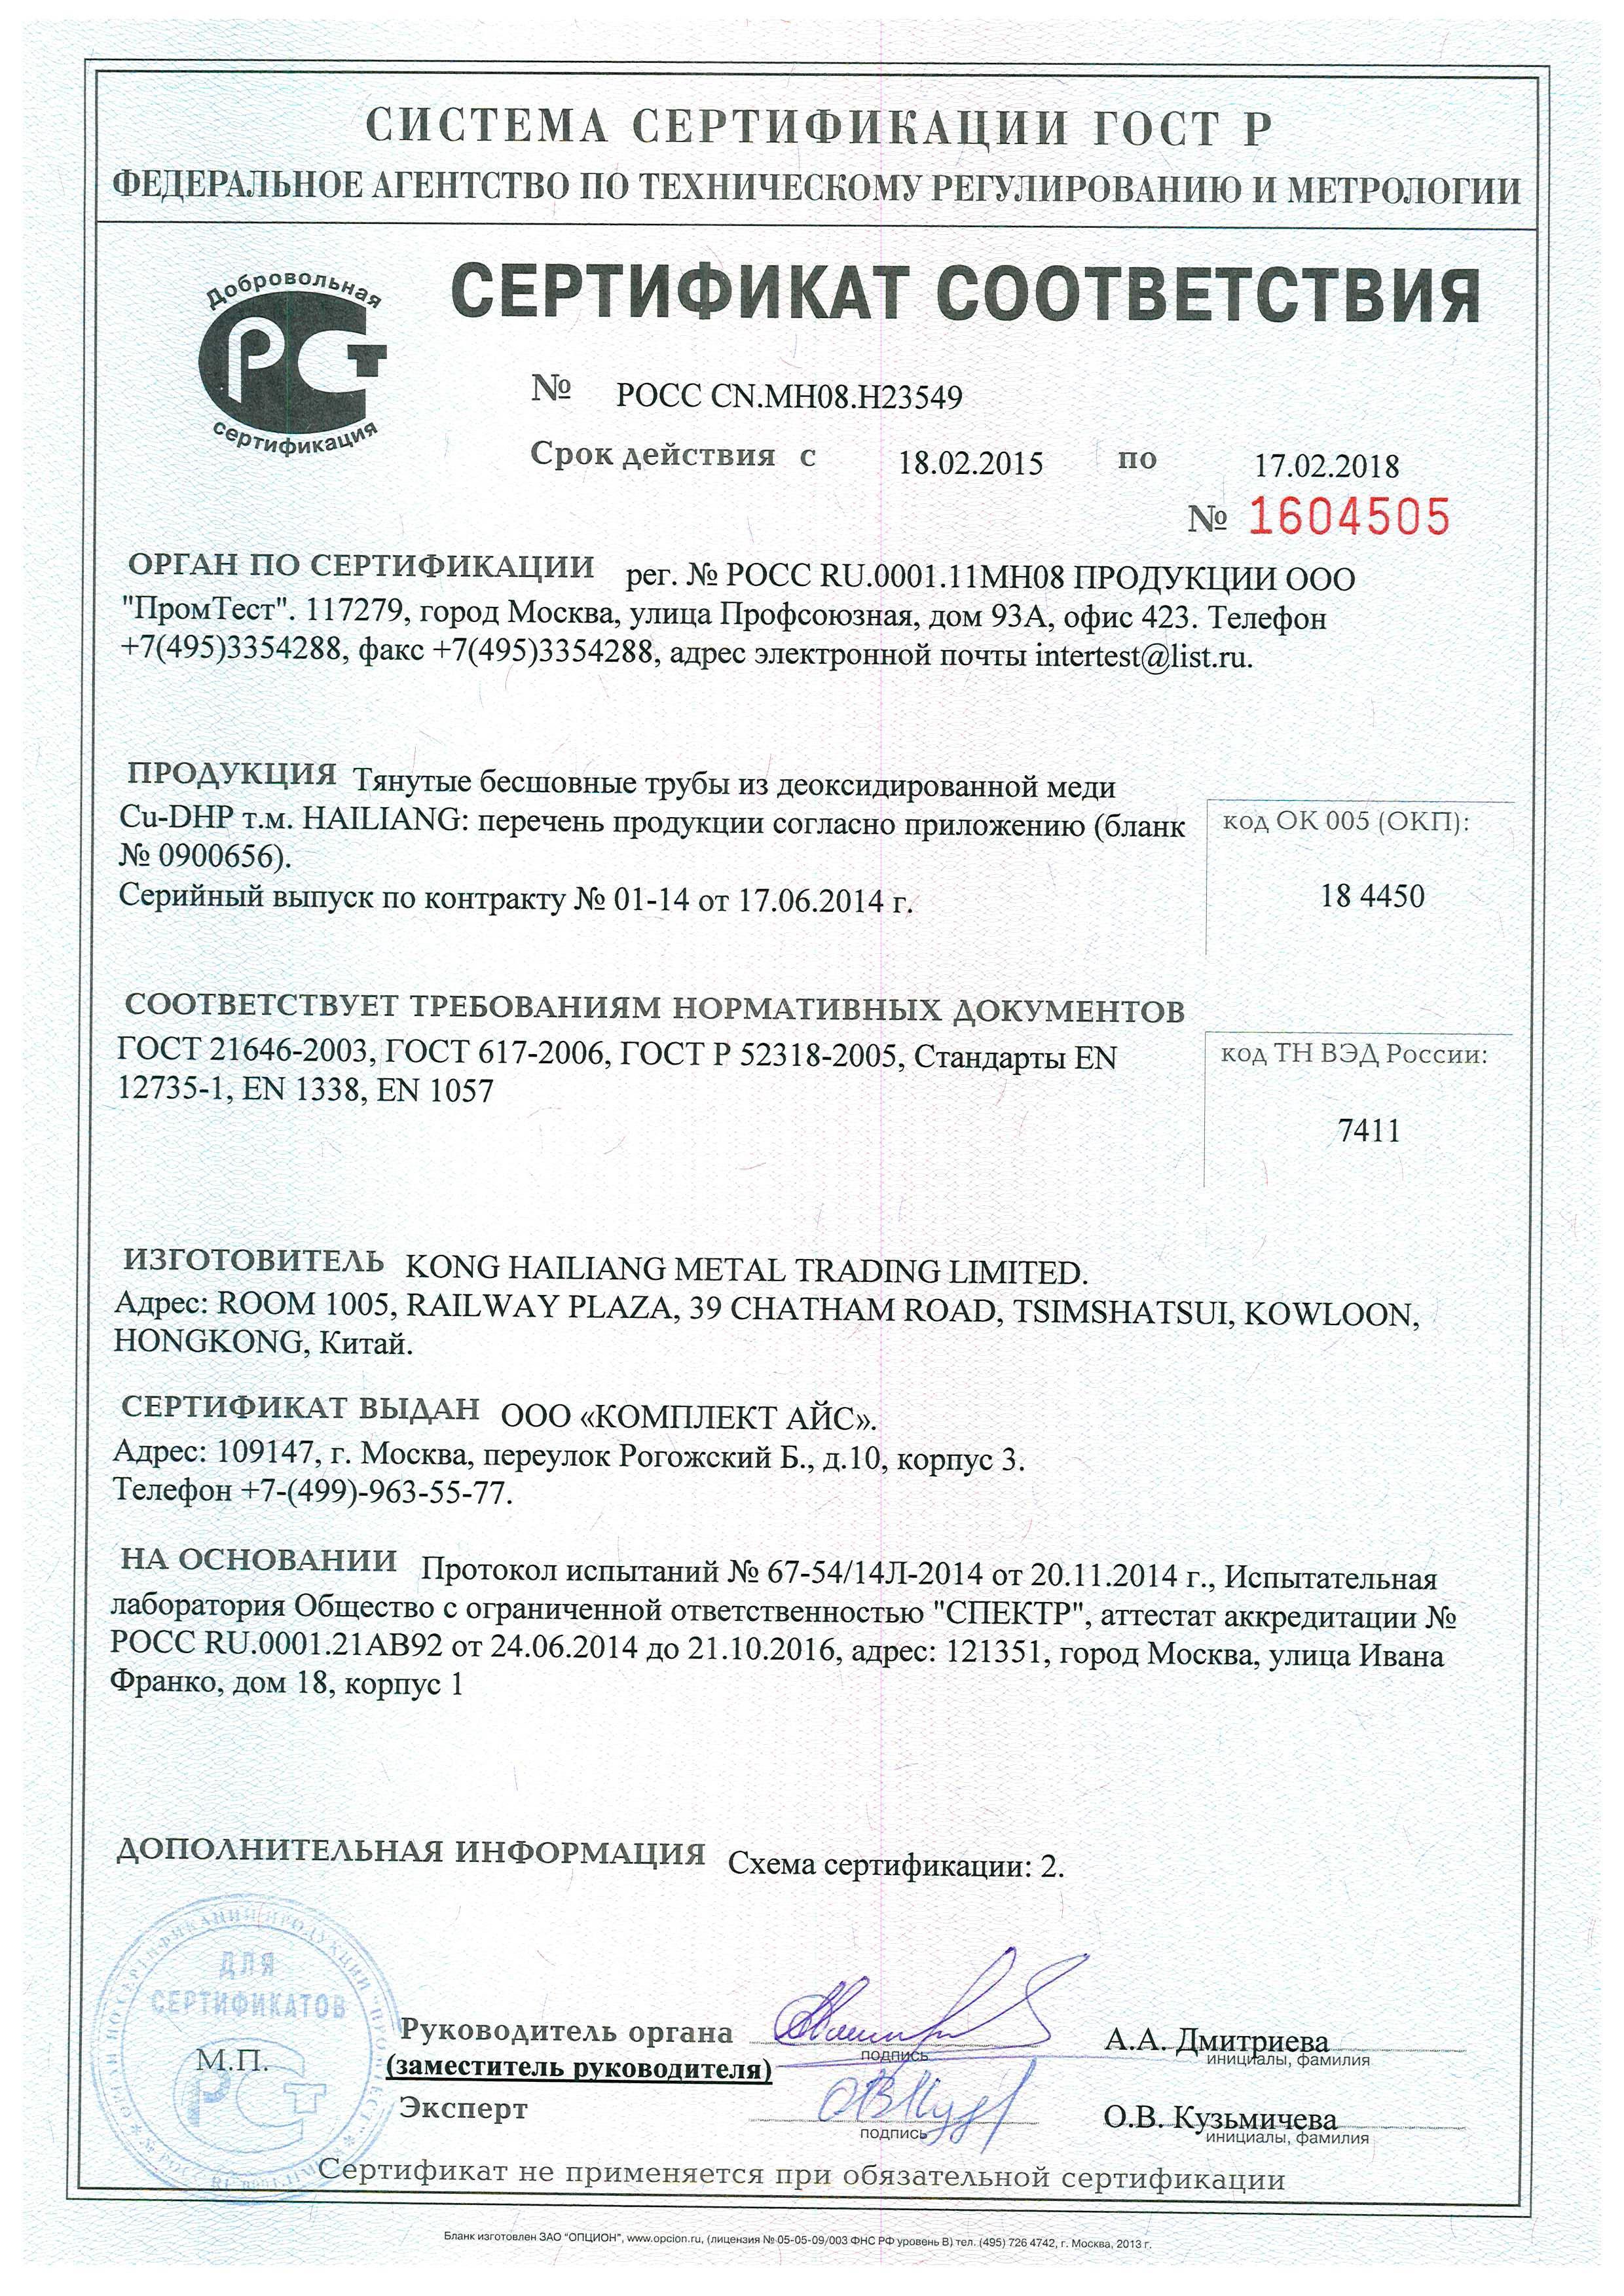 Сертификат соответствия на трубу медную производства Hailiang